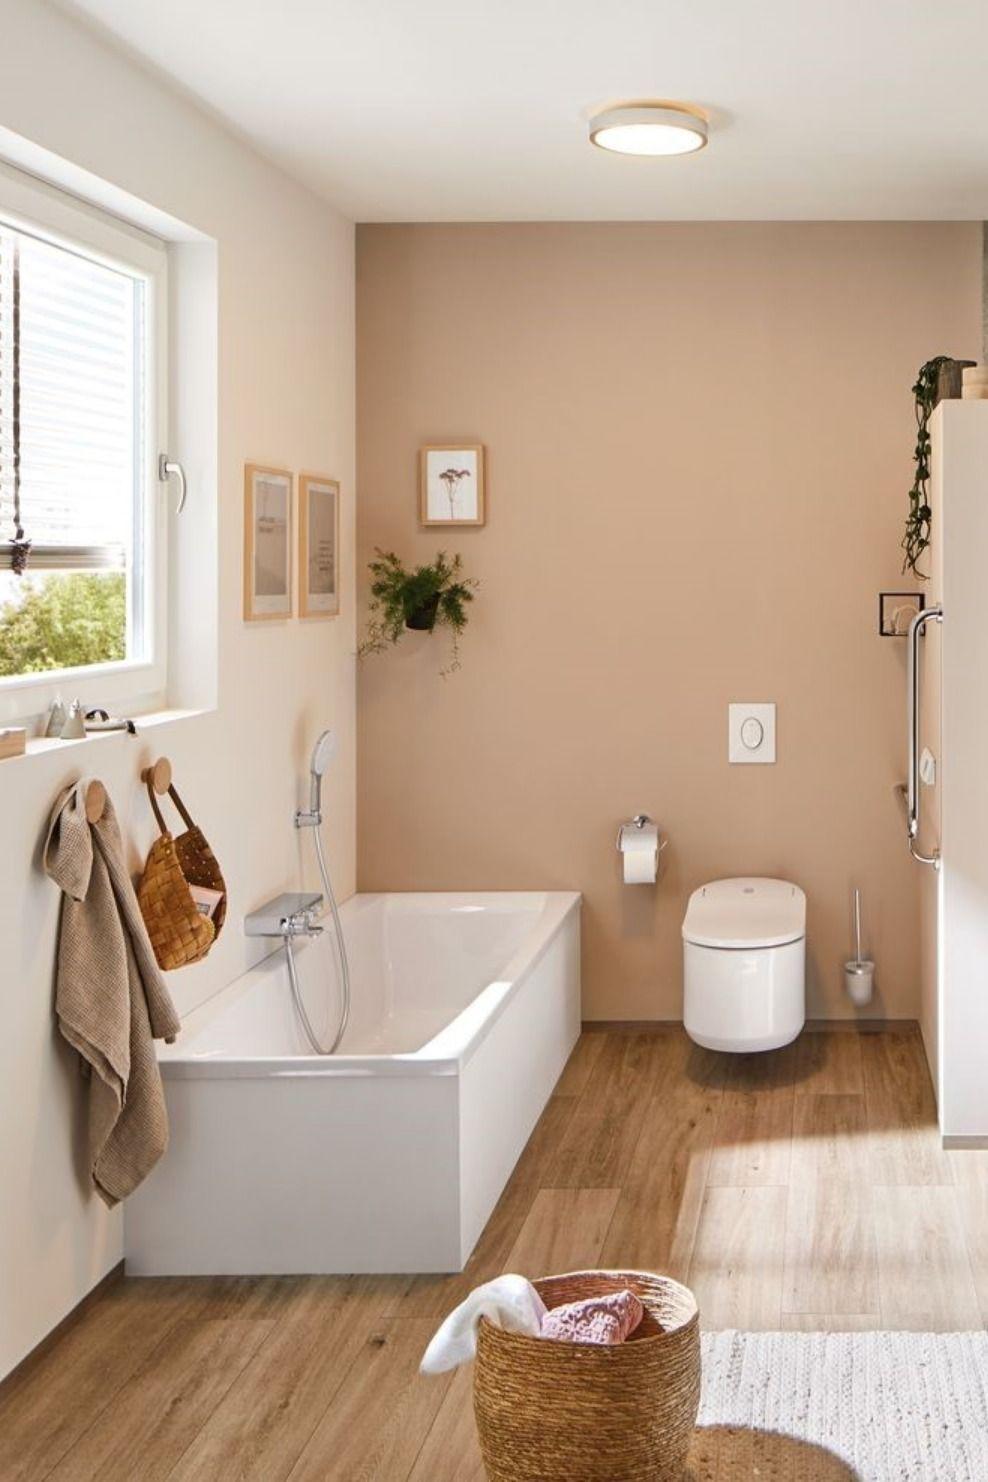 Beleuchtung Mit Panels Im Badezimmer Badezimmer Badezimmerbeleuchtung Badezimmerideen